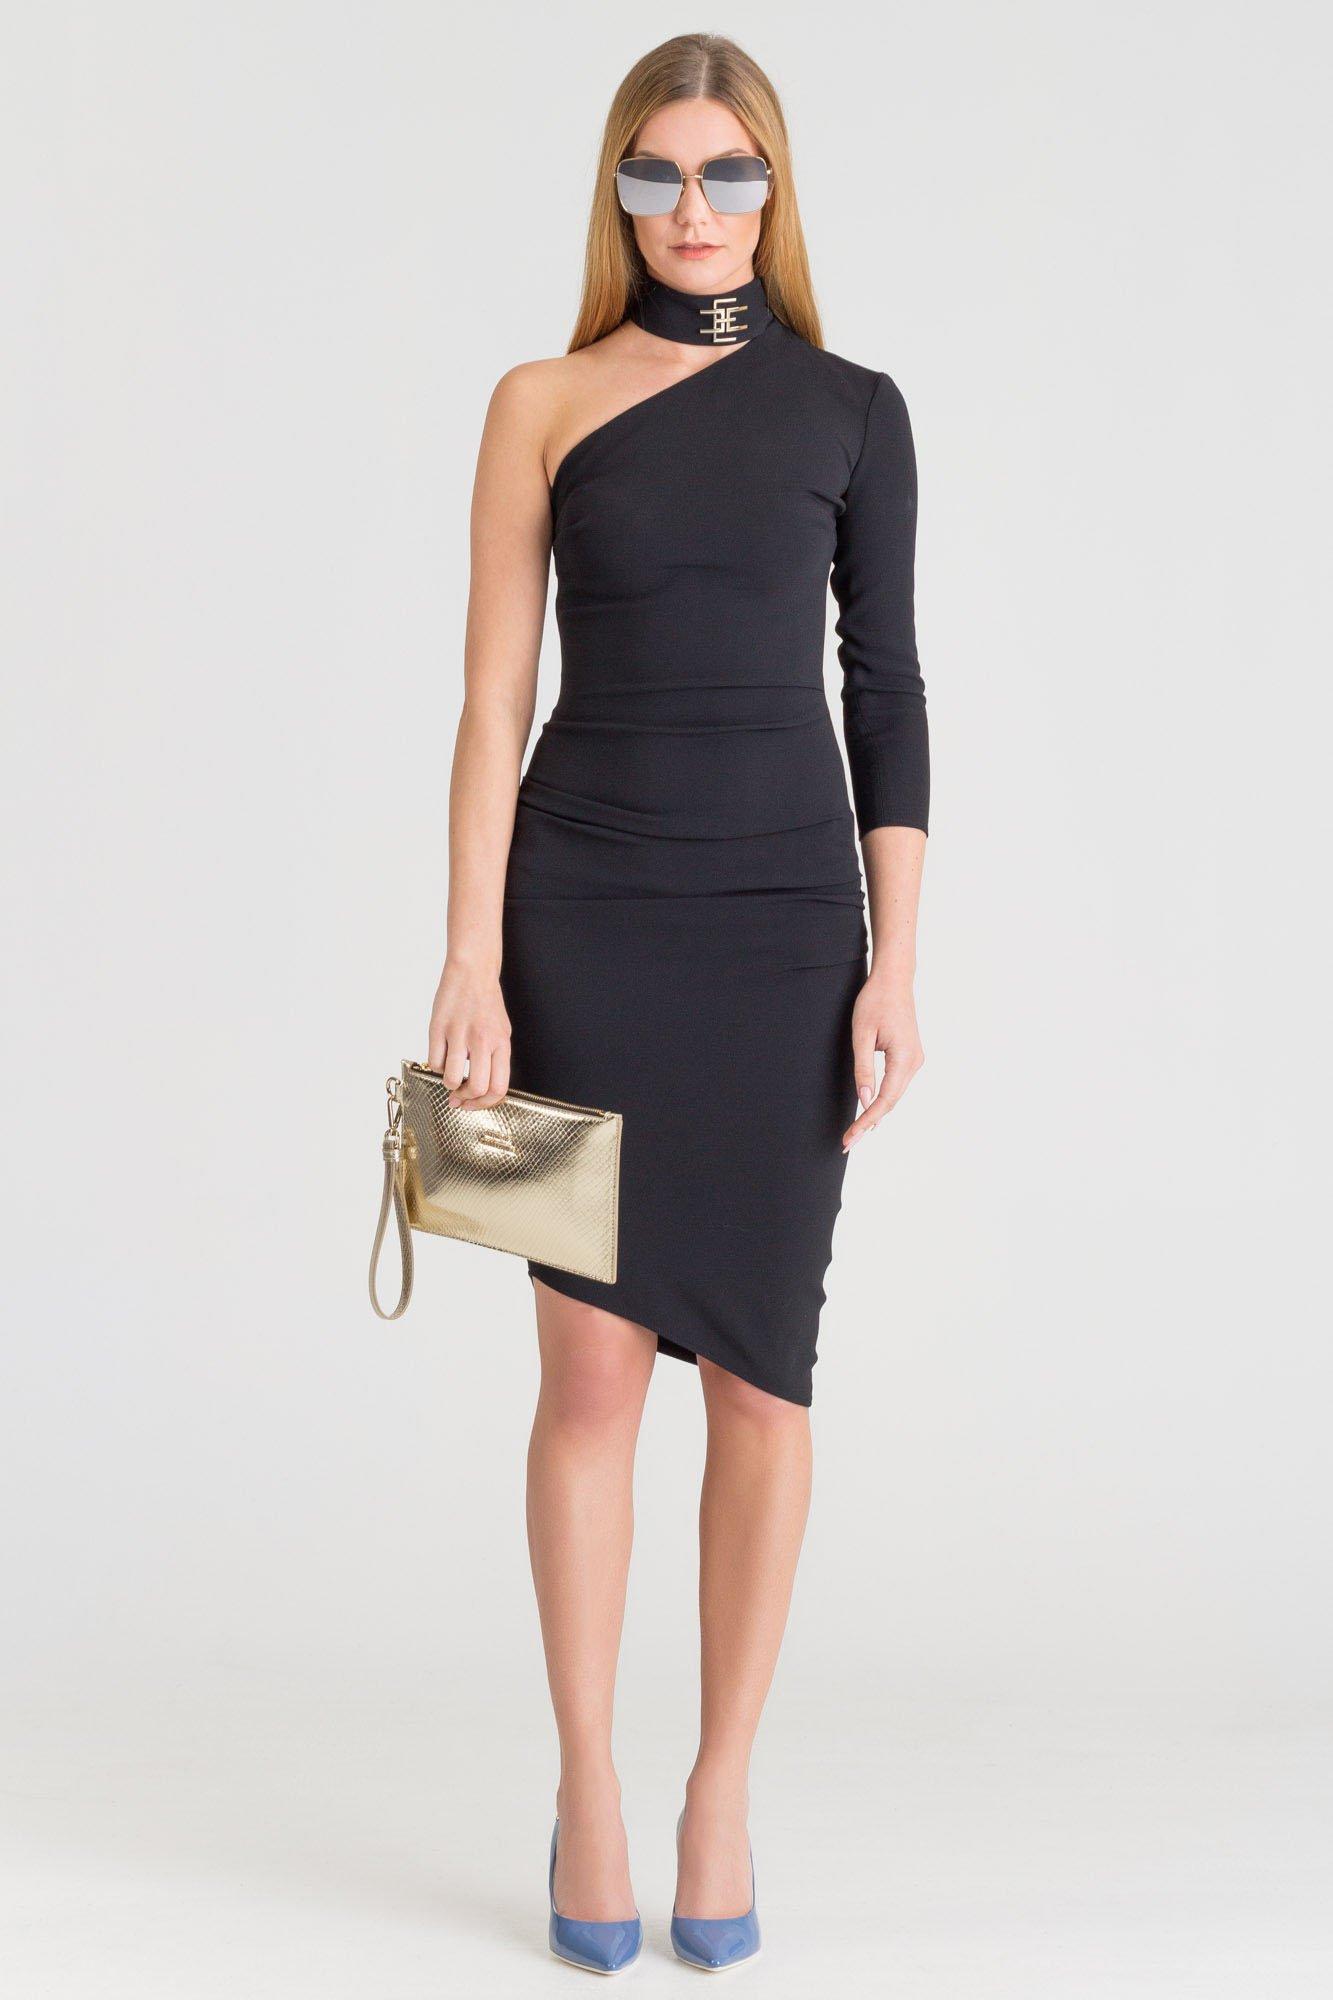 f15f2def60 ... Czarna sukienka na jedno ramię Elisabetta Franchi ze stójką ...